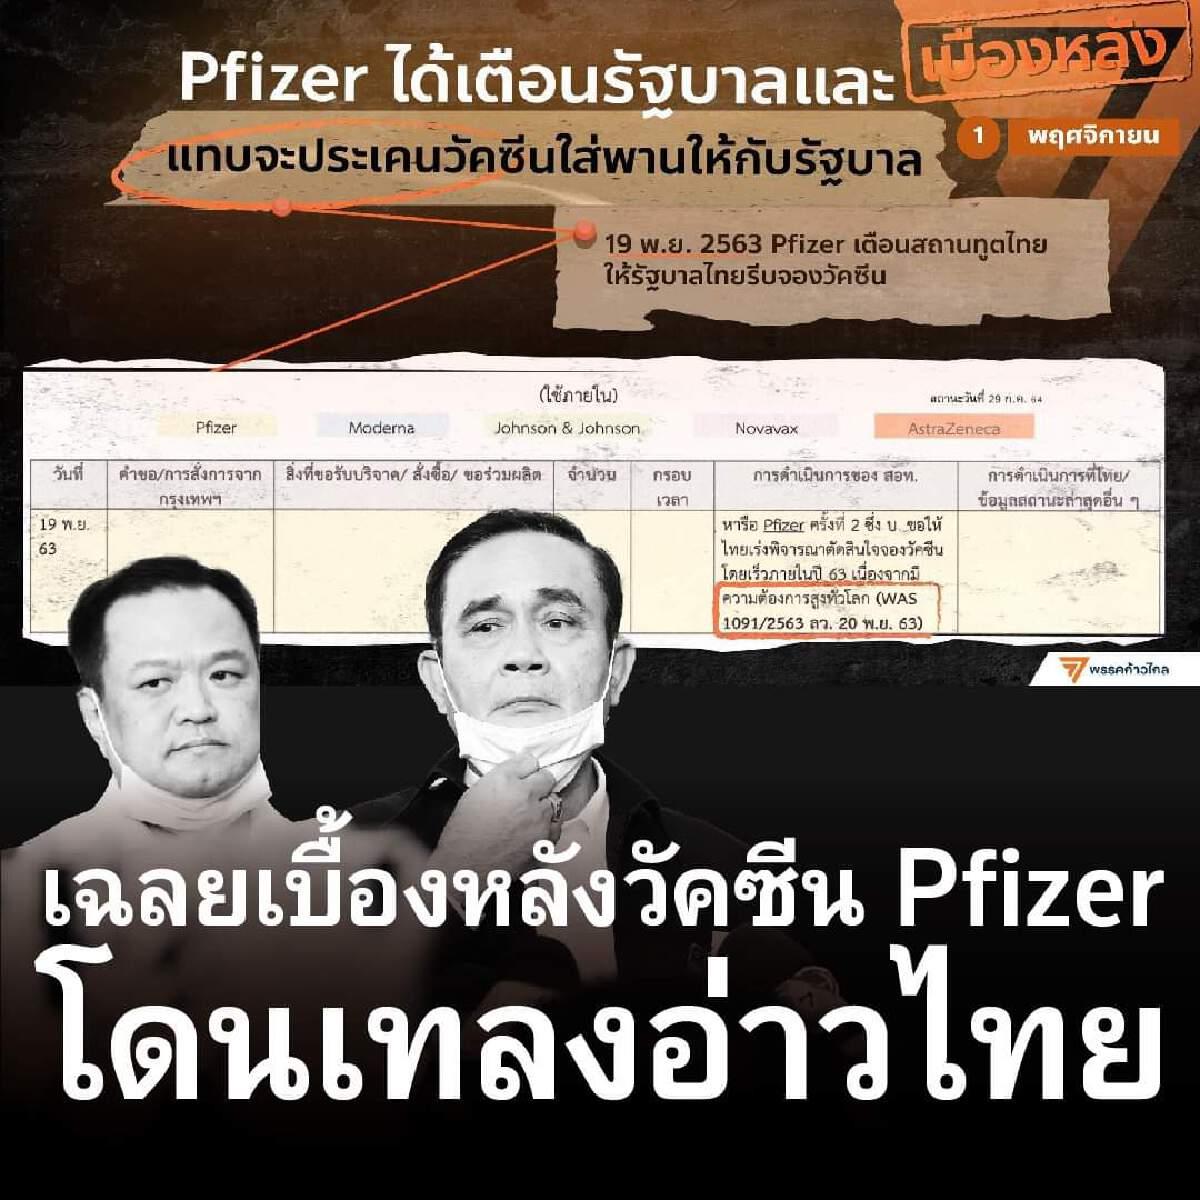 """""""พิธา ลิ้มเจริญรัตน์"""" ฟาดสุด เบื้องหลัง Pfizer โดนเทลงอ่าวไทย  รัฐล็อกผลม้า"""